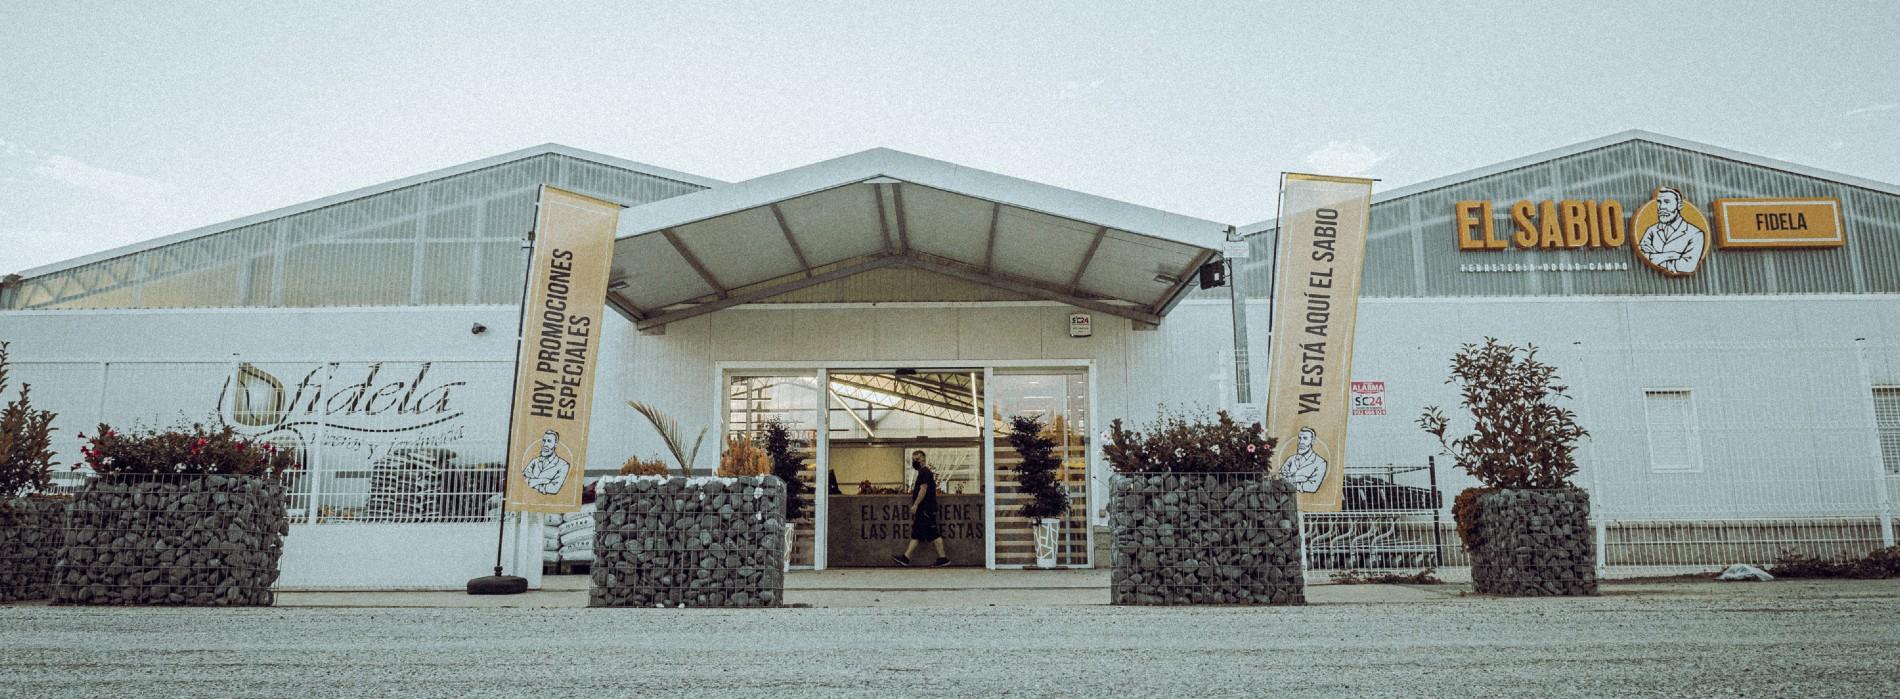 El Sabio abre en Huesca su segunda tienda en Aragón, la décima en España